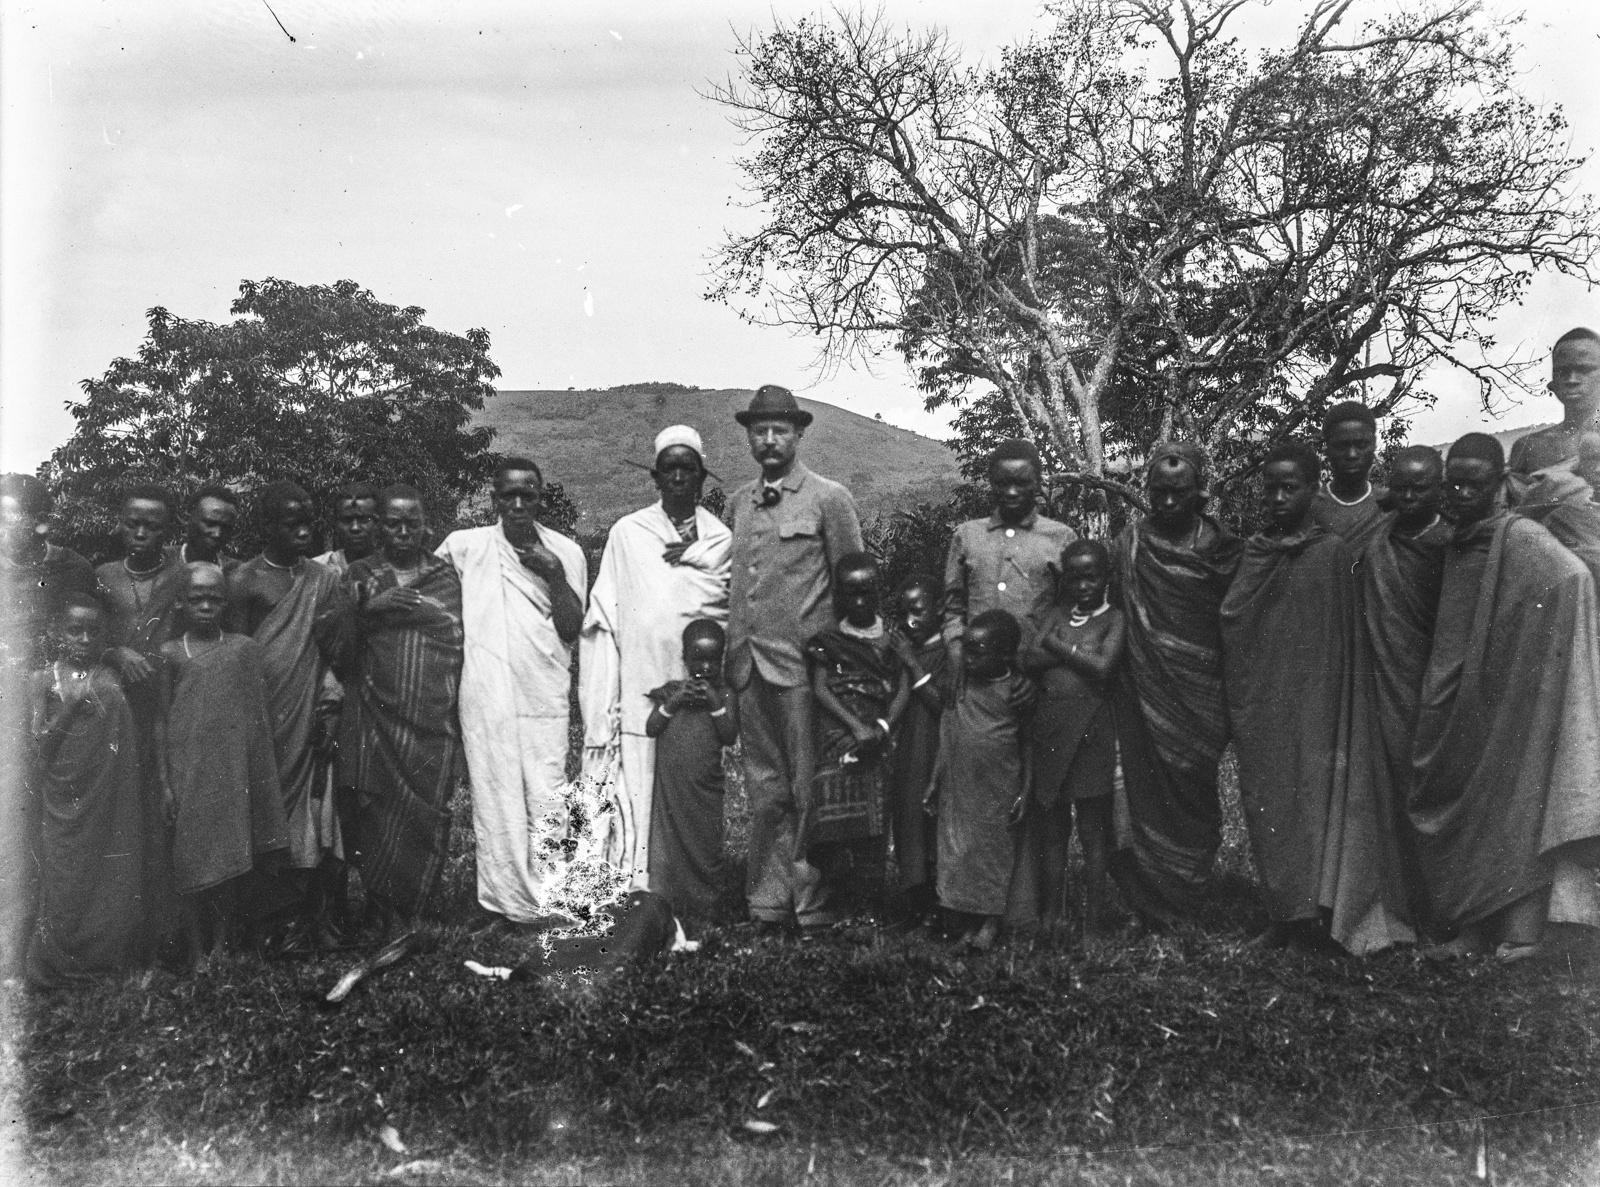 302. Групповой портрет Ганса Мейера (в центре), вождя чагги (слева от Ганса Мейера) и другими людьми чагги